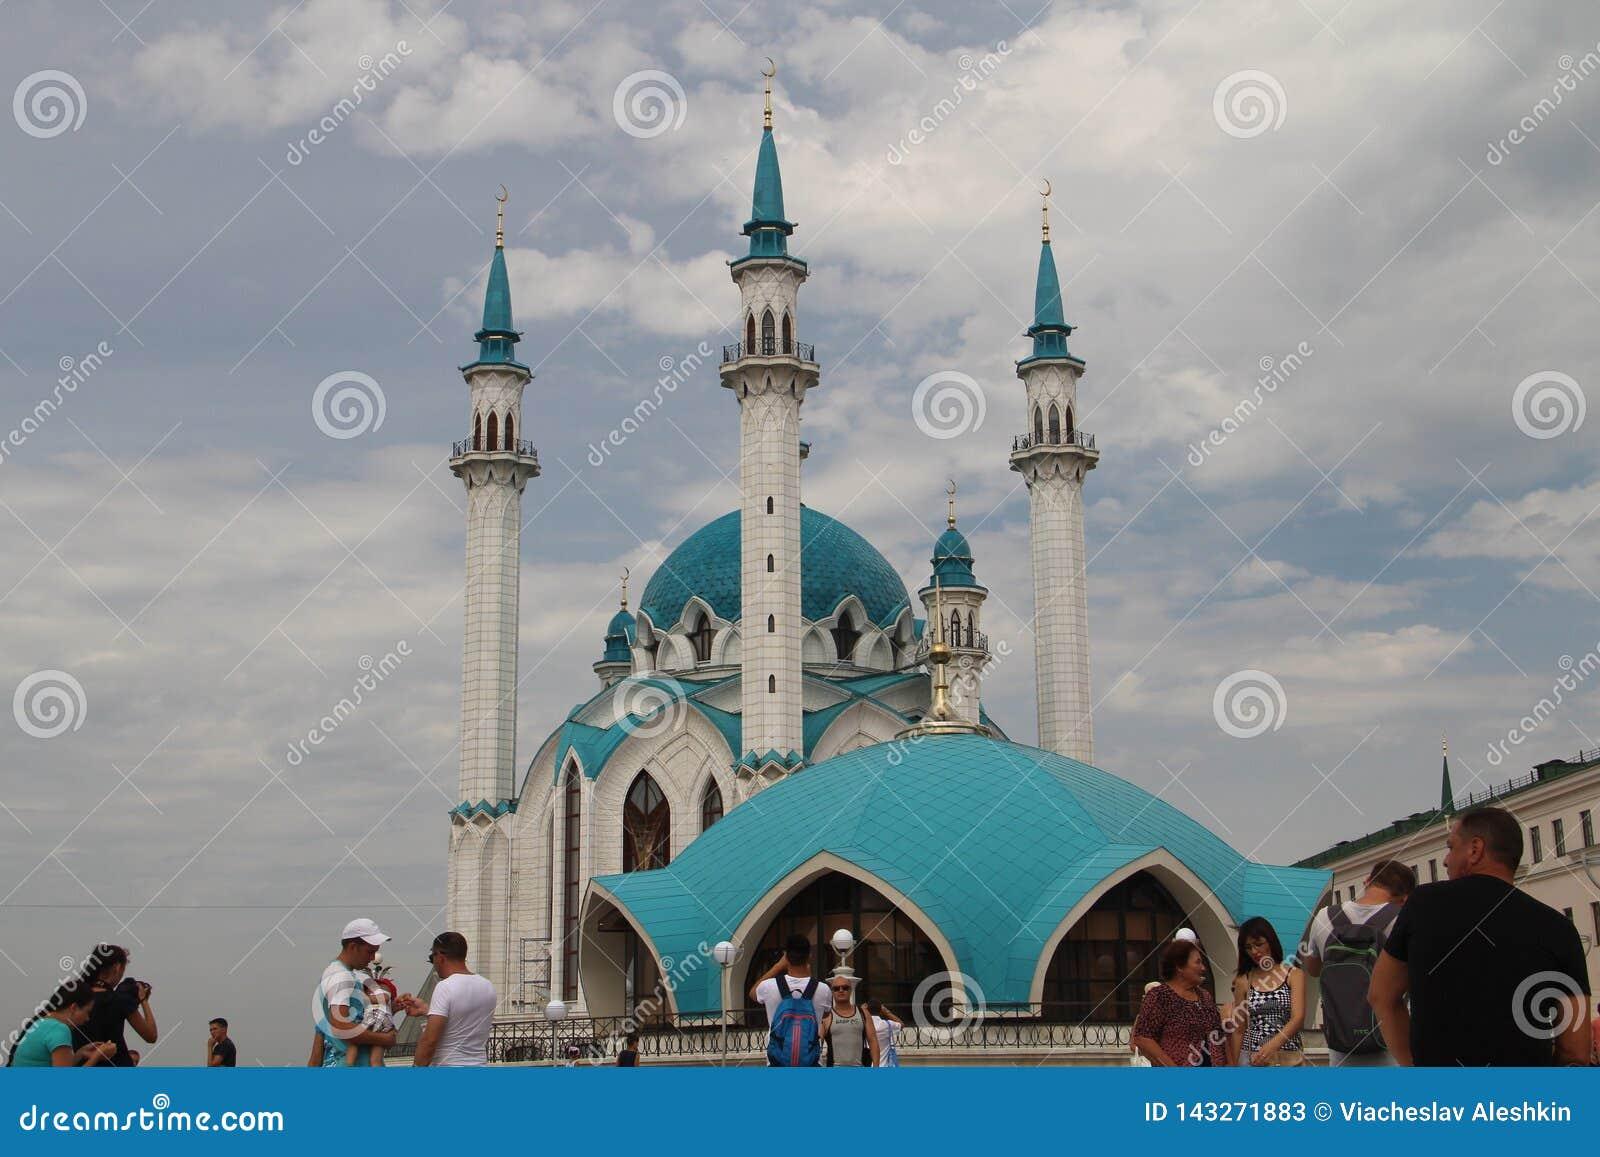 Den huvudsakliga dragningen av den Kazan Kreml är Kulen Sharif Mosque